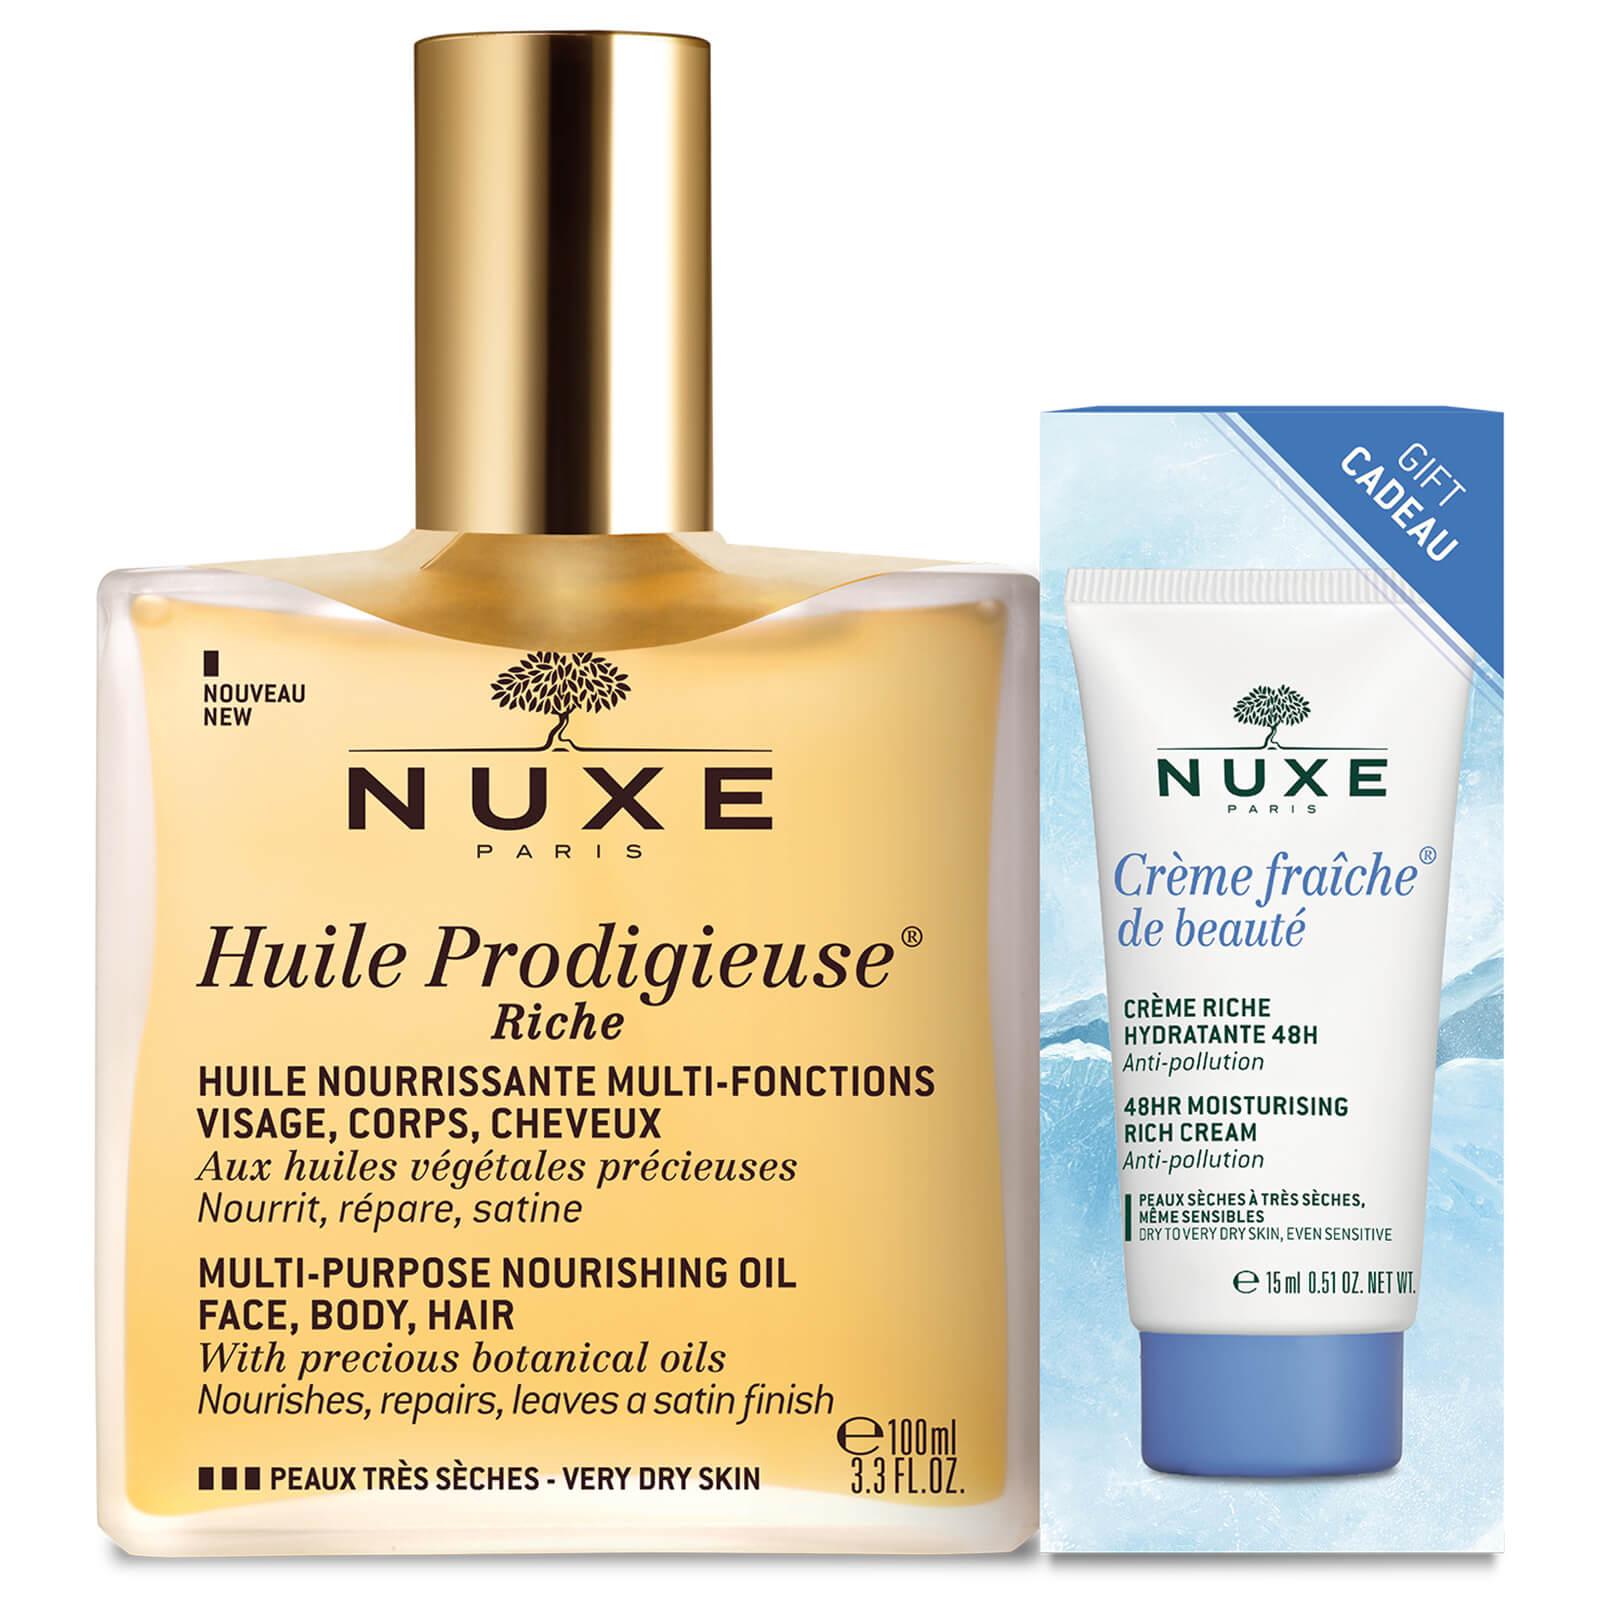 Nuxe Huile Prodigieuse Riche With Crème Fraiche Riche Worth 4075